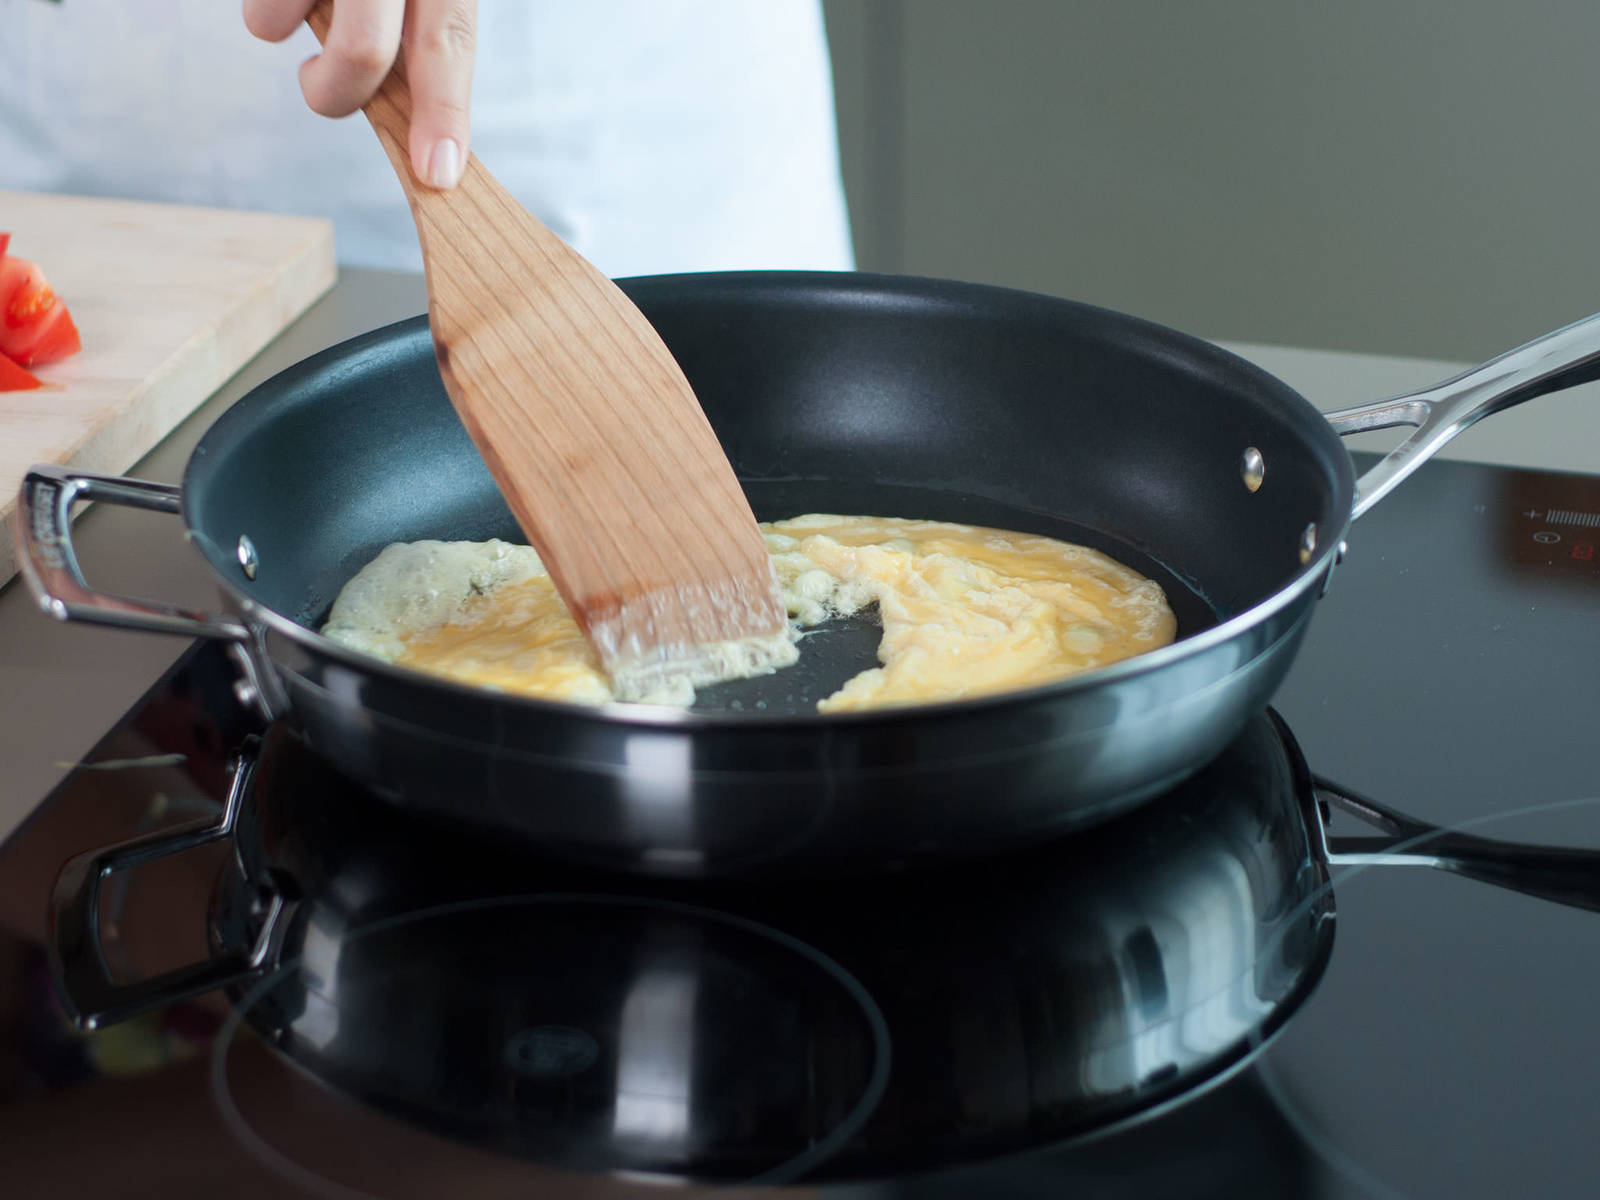 用叉子将鸡蛋打散。在煎锅中用高温加热少许植物油,待油热后,倒入蛋液并迅速搅拌。持续翻炒直至蛋液凝固,将鸡蛋盛入盘中备用。